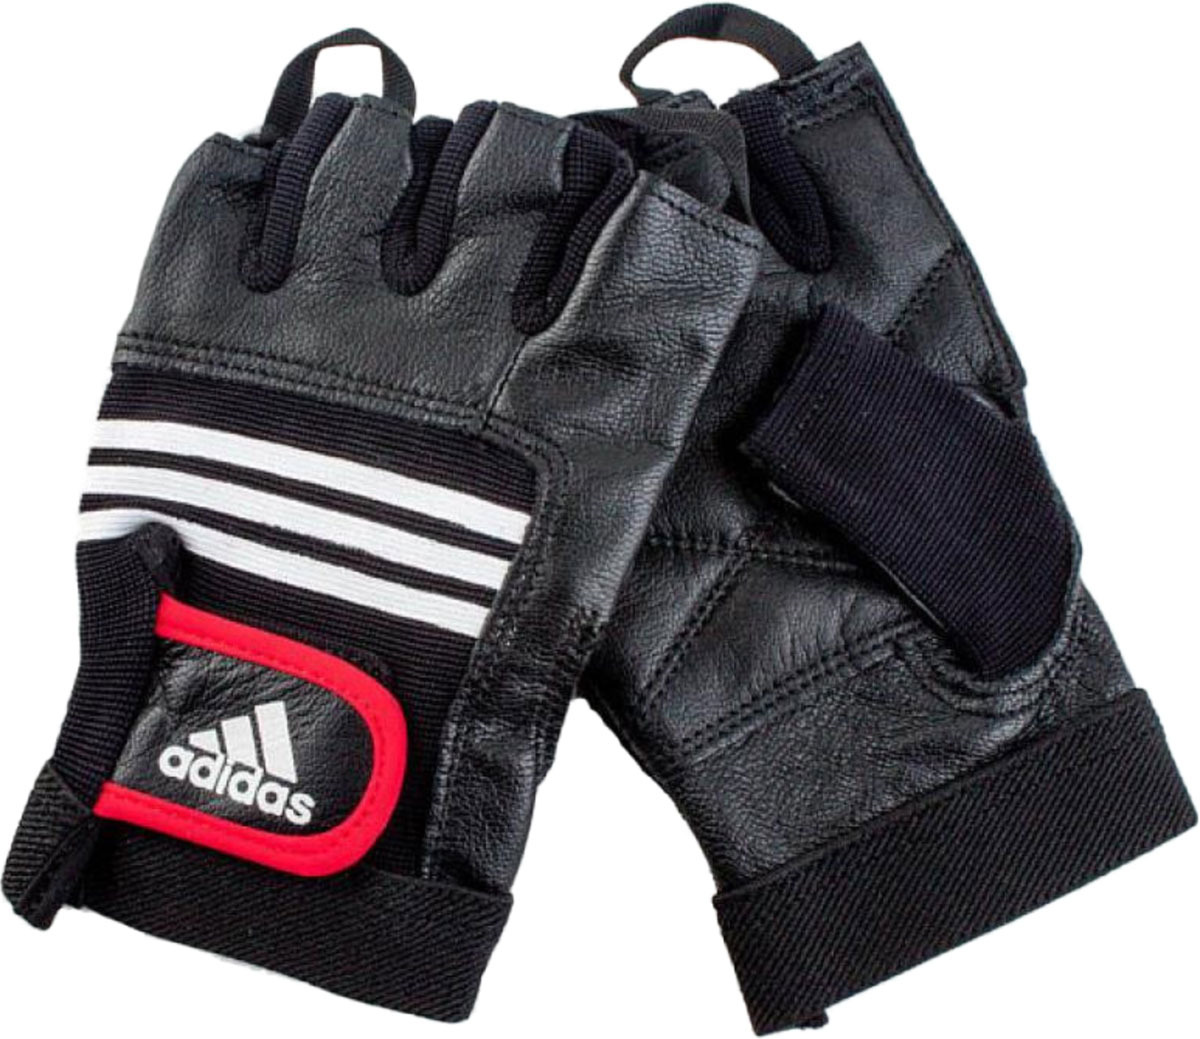 Тяжелоатлетические перчатки Adidas Leather Lifting Glove, цвет: черный, размер S/M цена